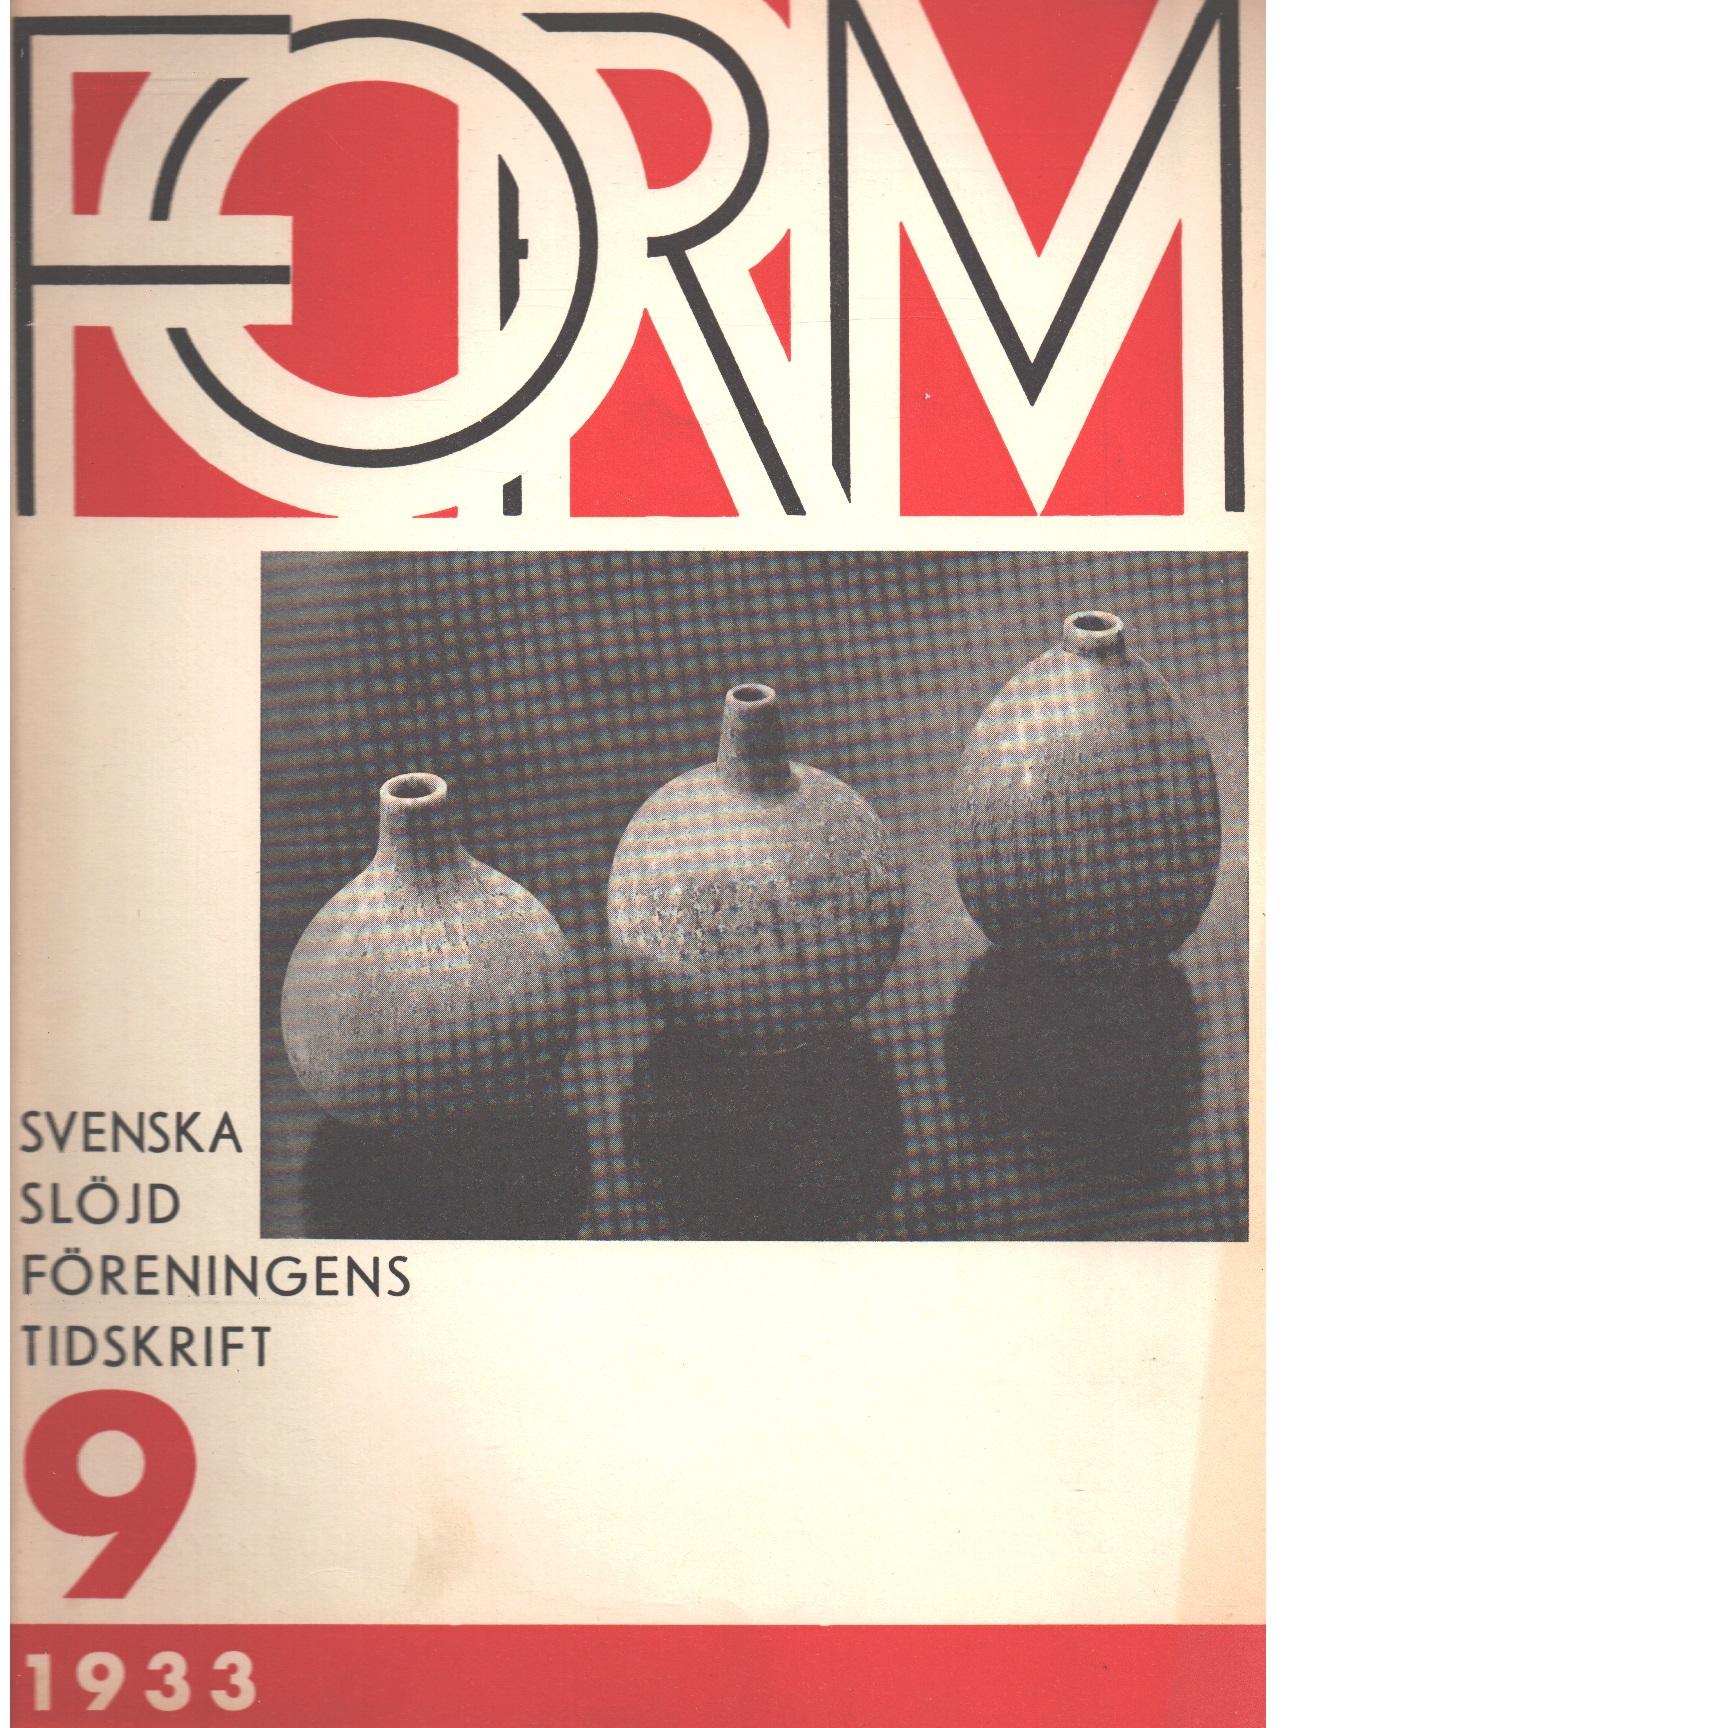 Form : Svenska slöjdföreningens tidskrift Nr 9 1933 - Red.